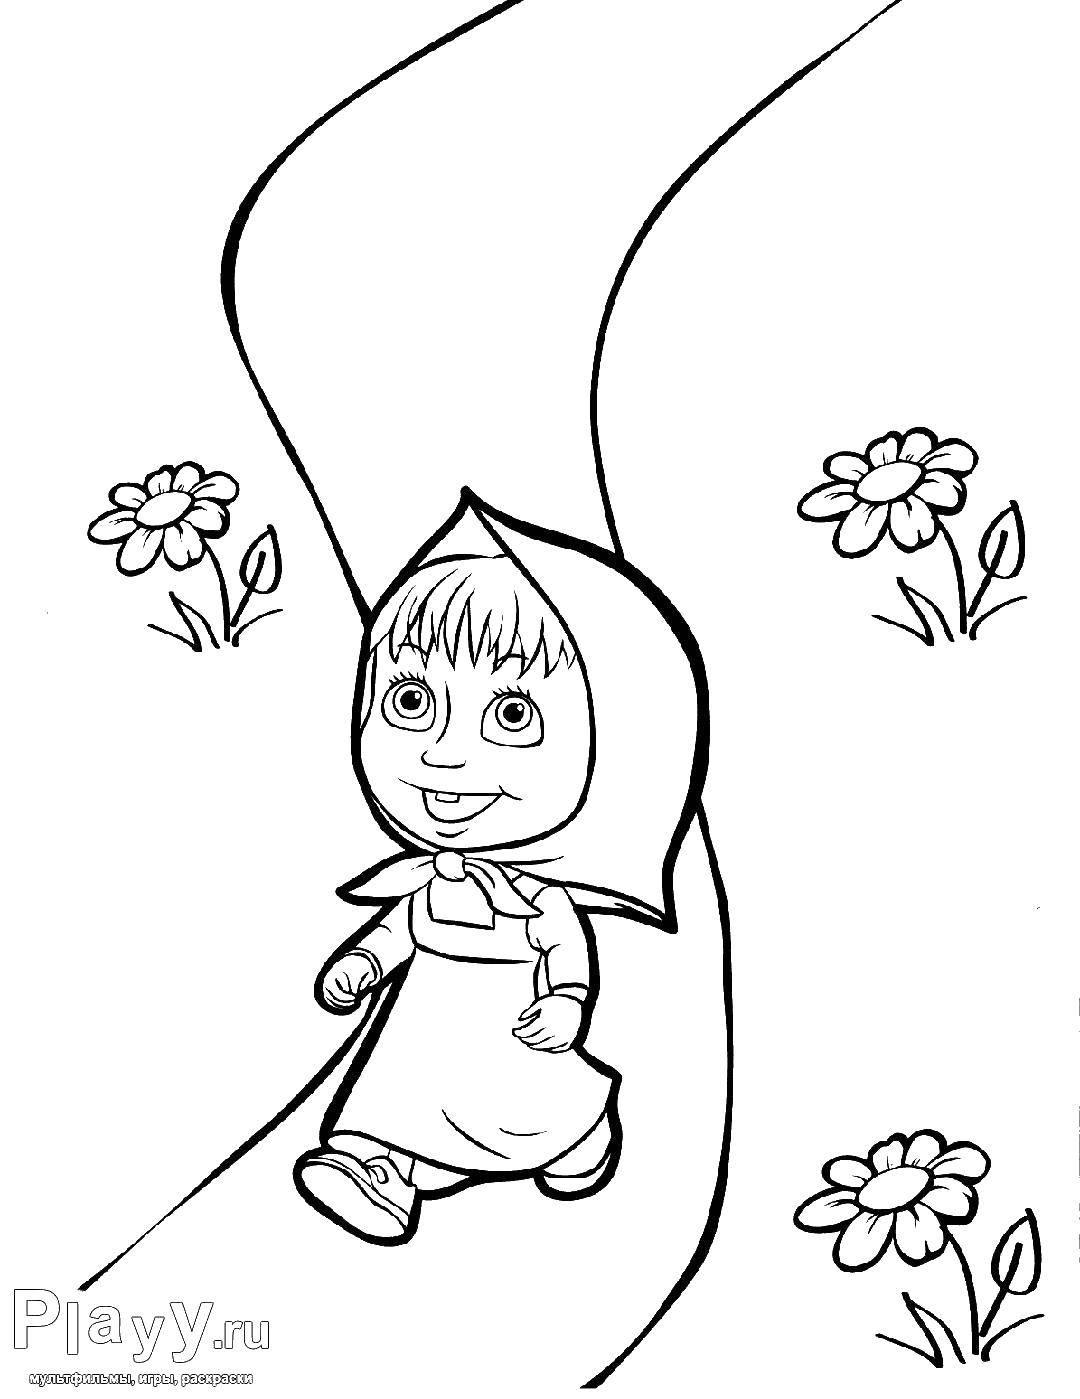 Coloring sheet Masha and the bear Download .  Print